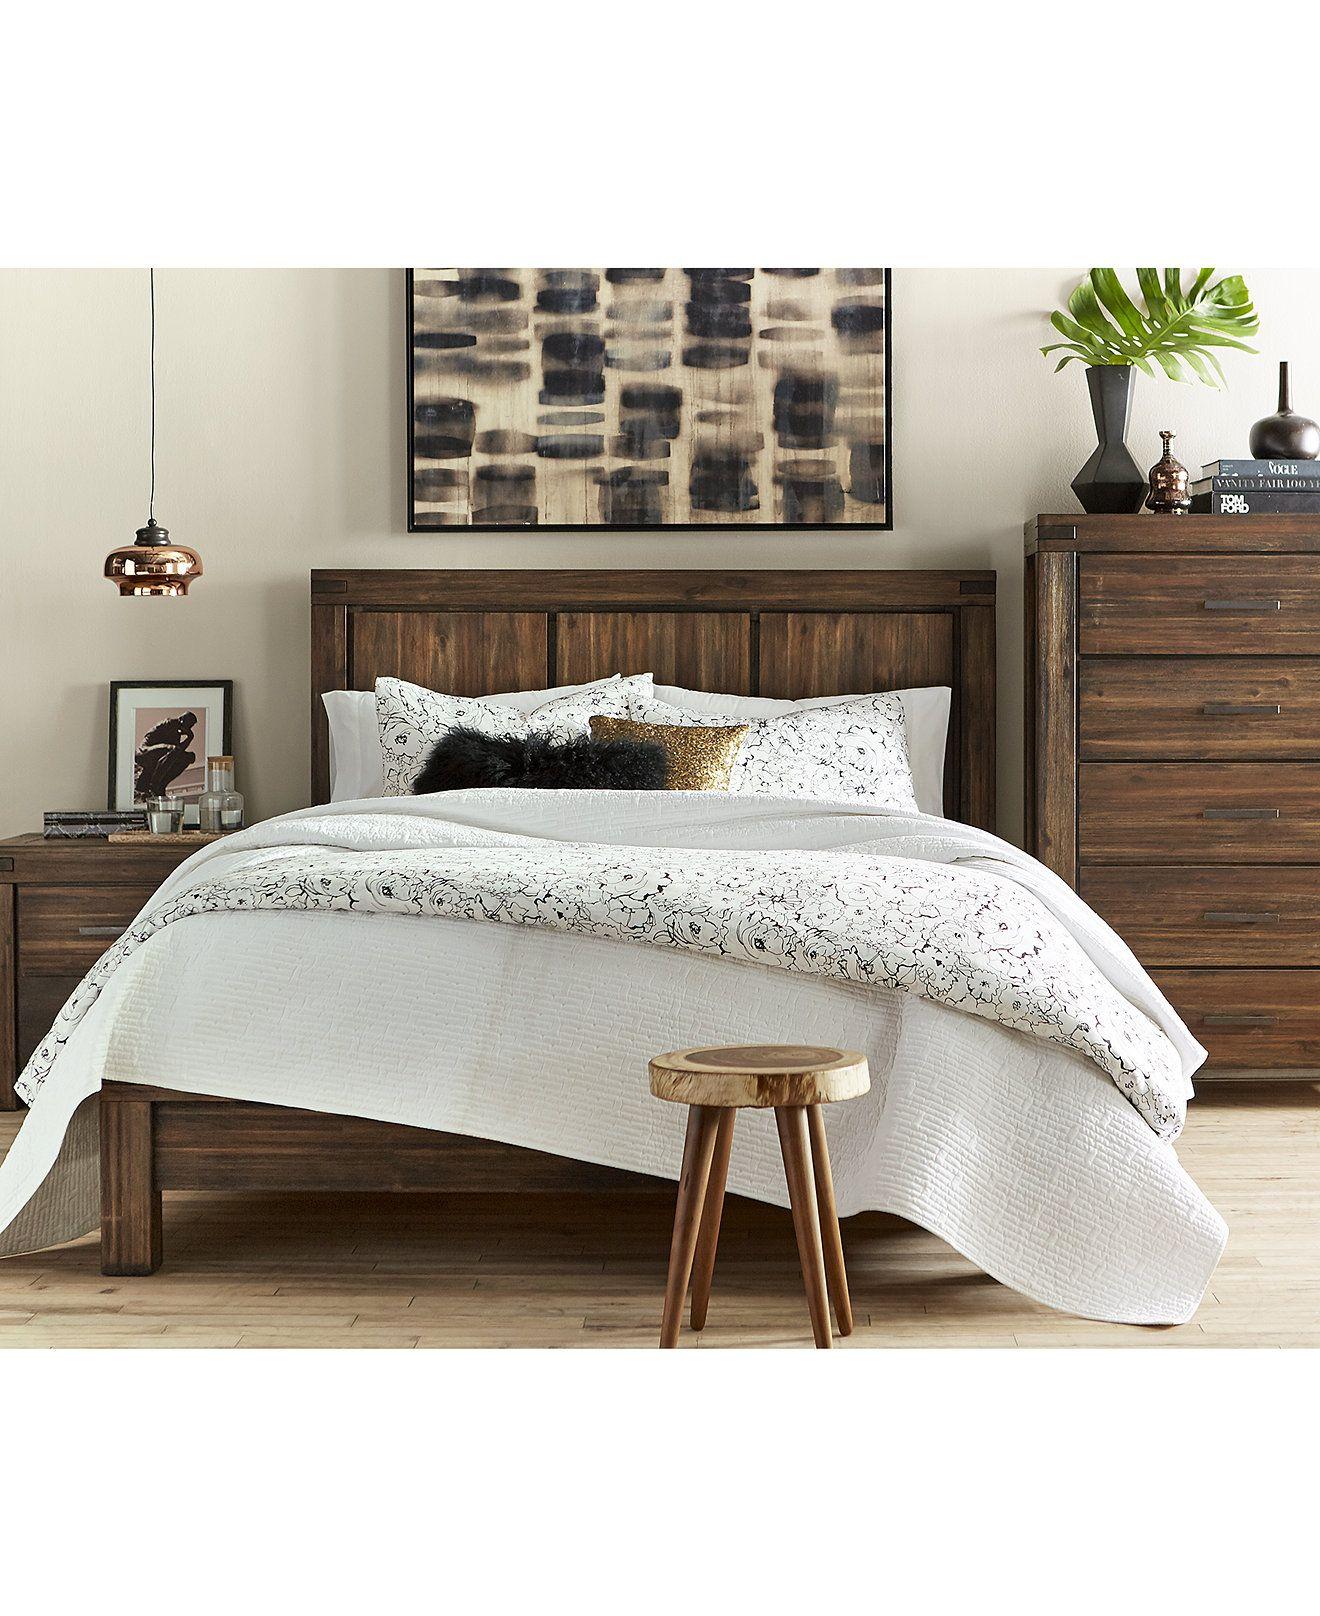 Avondale platform bedroom furniture collection furniture